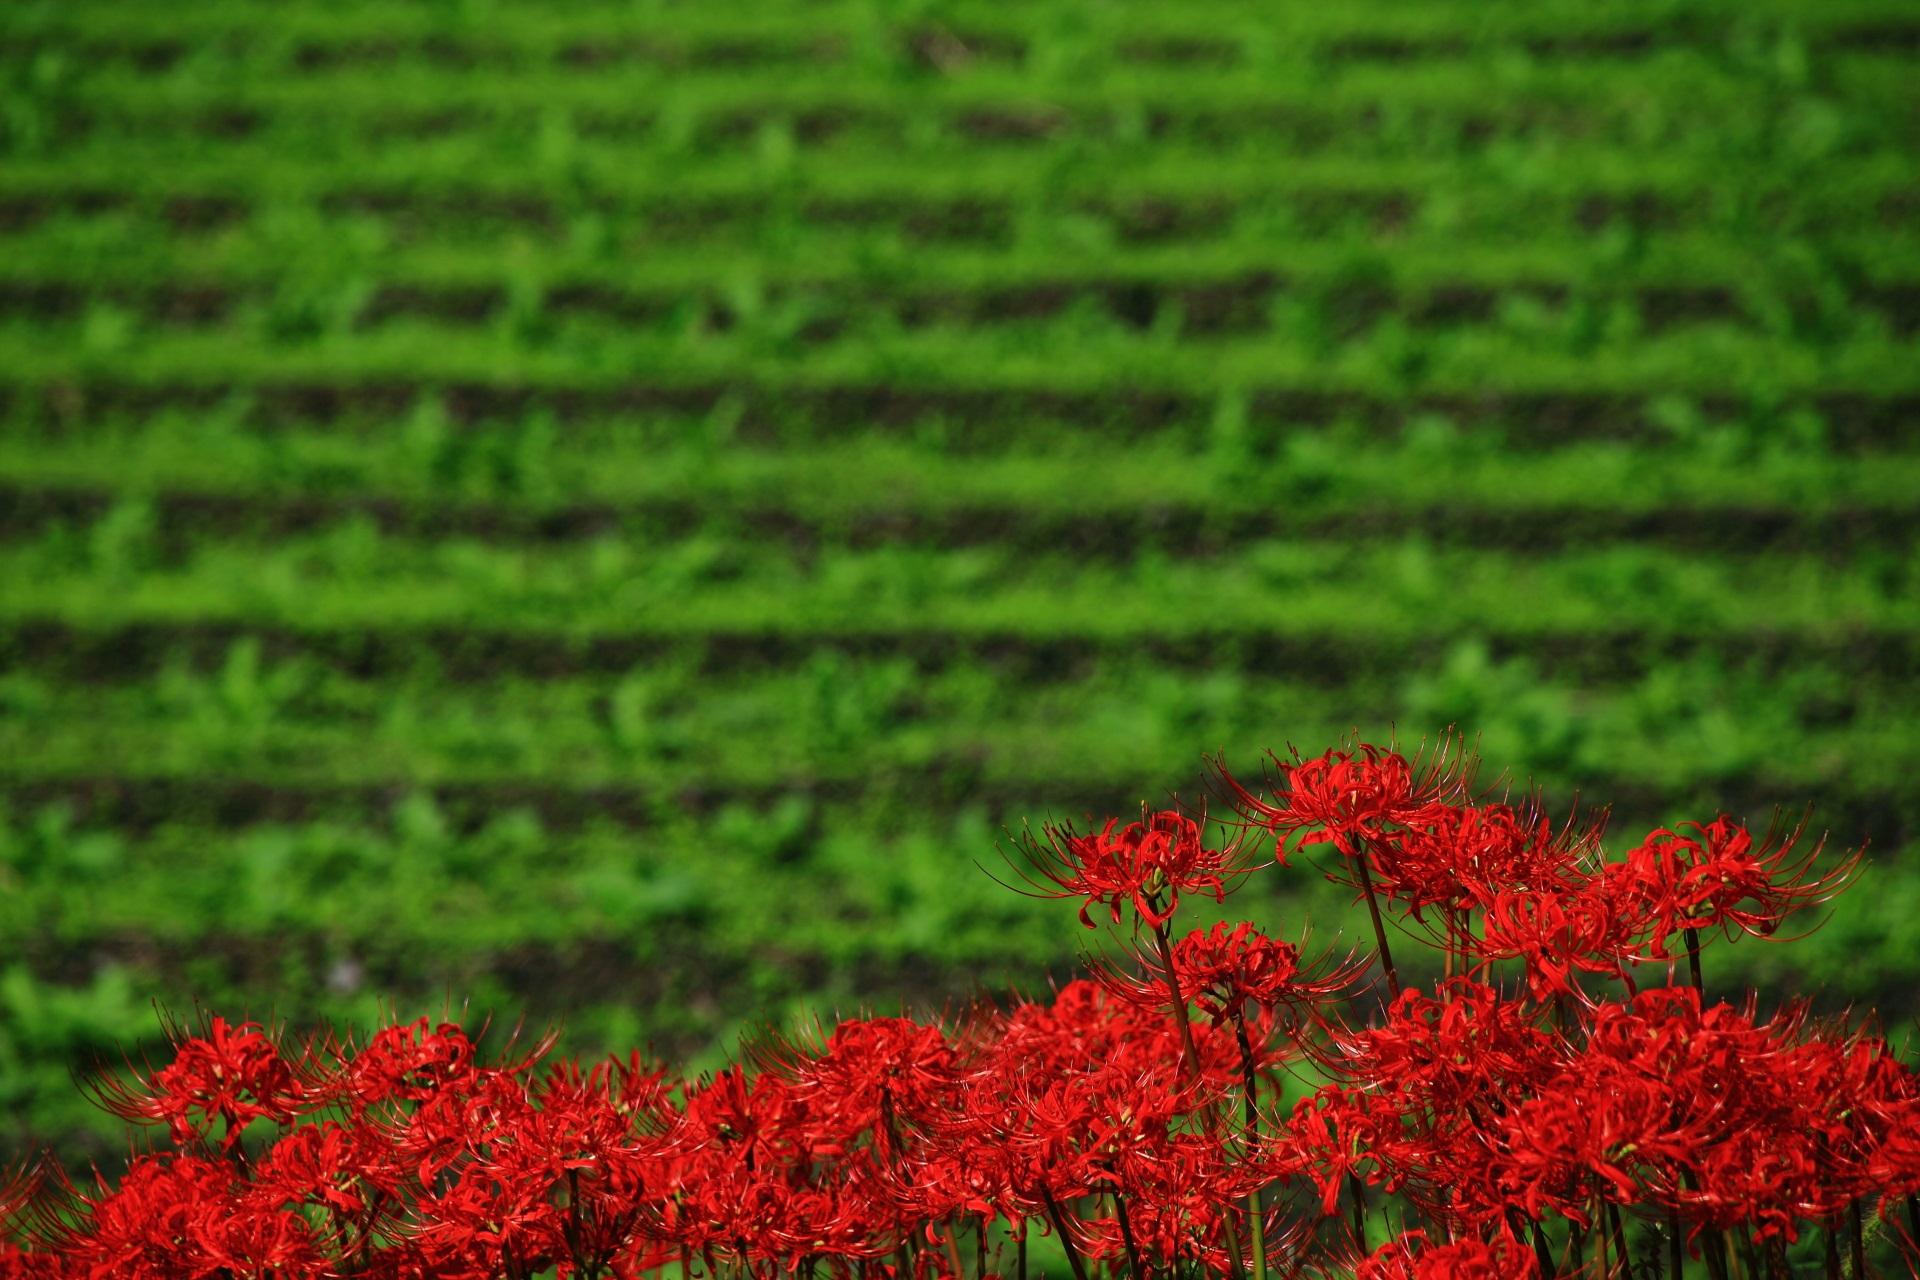 大原の里の綺麗な緑の畑を背景にした真っ赤な彼岸花